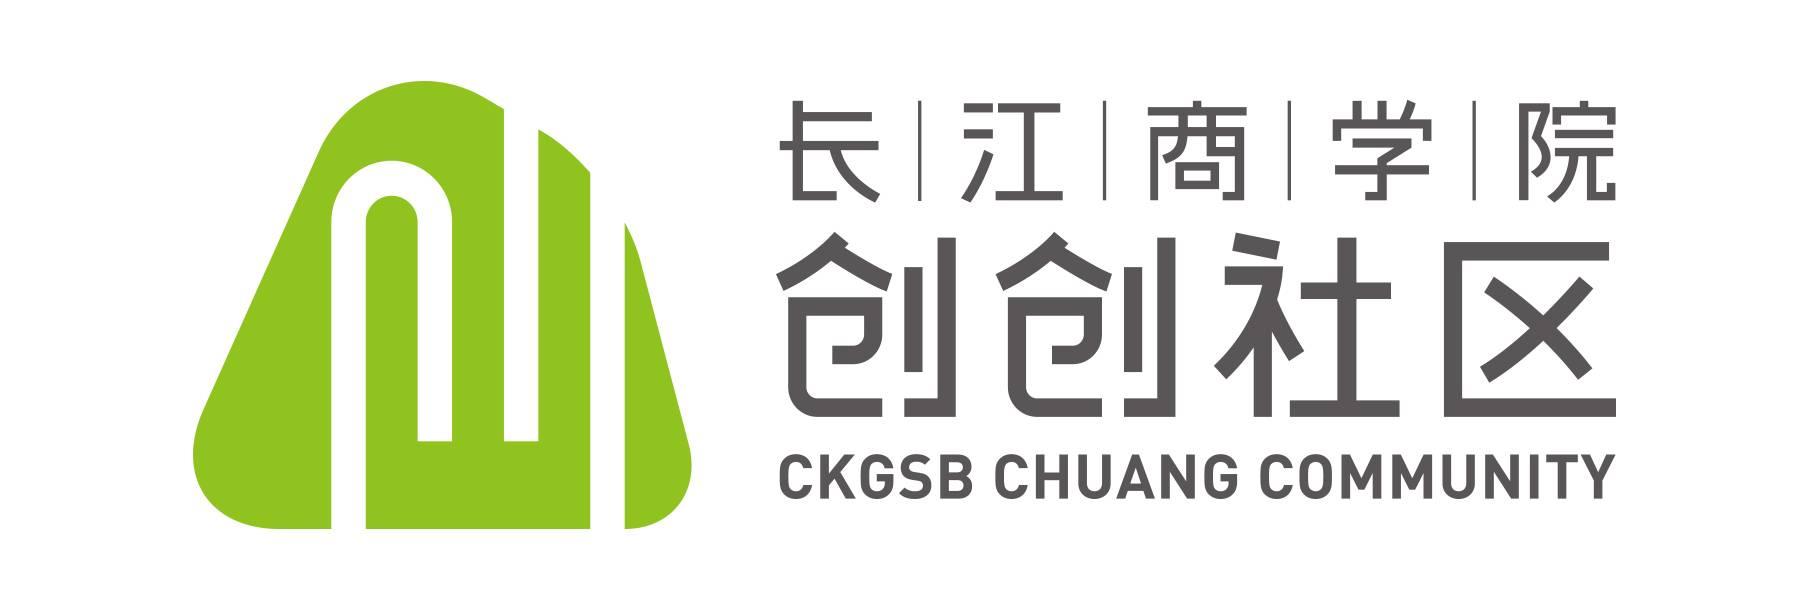 长江商学院创创社区